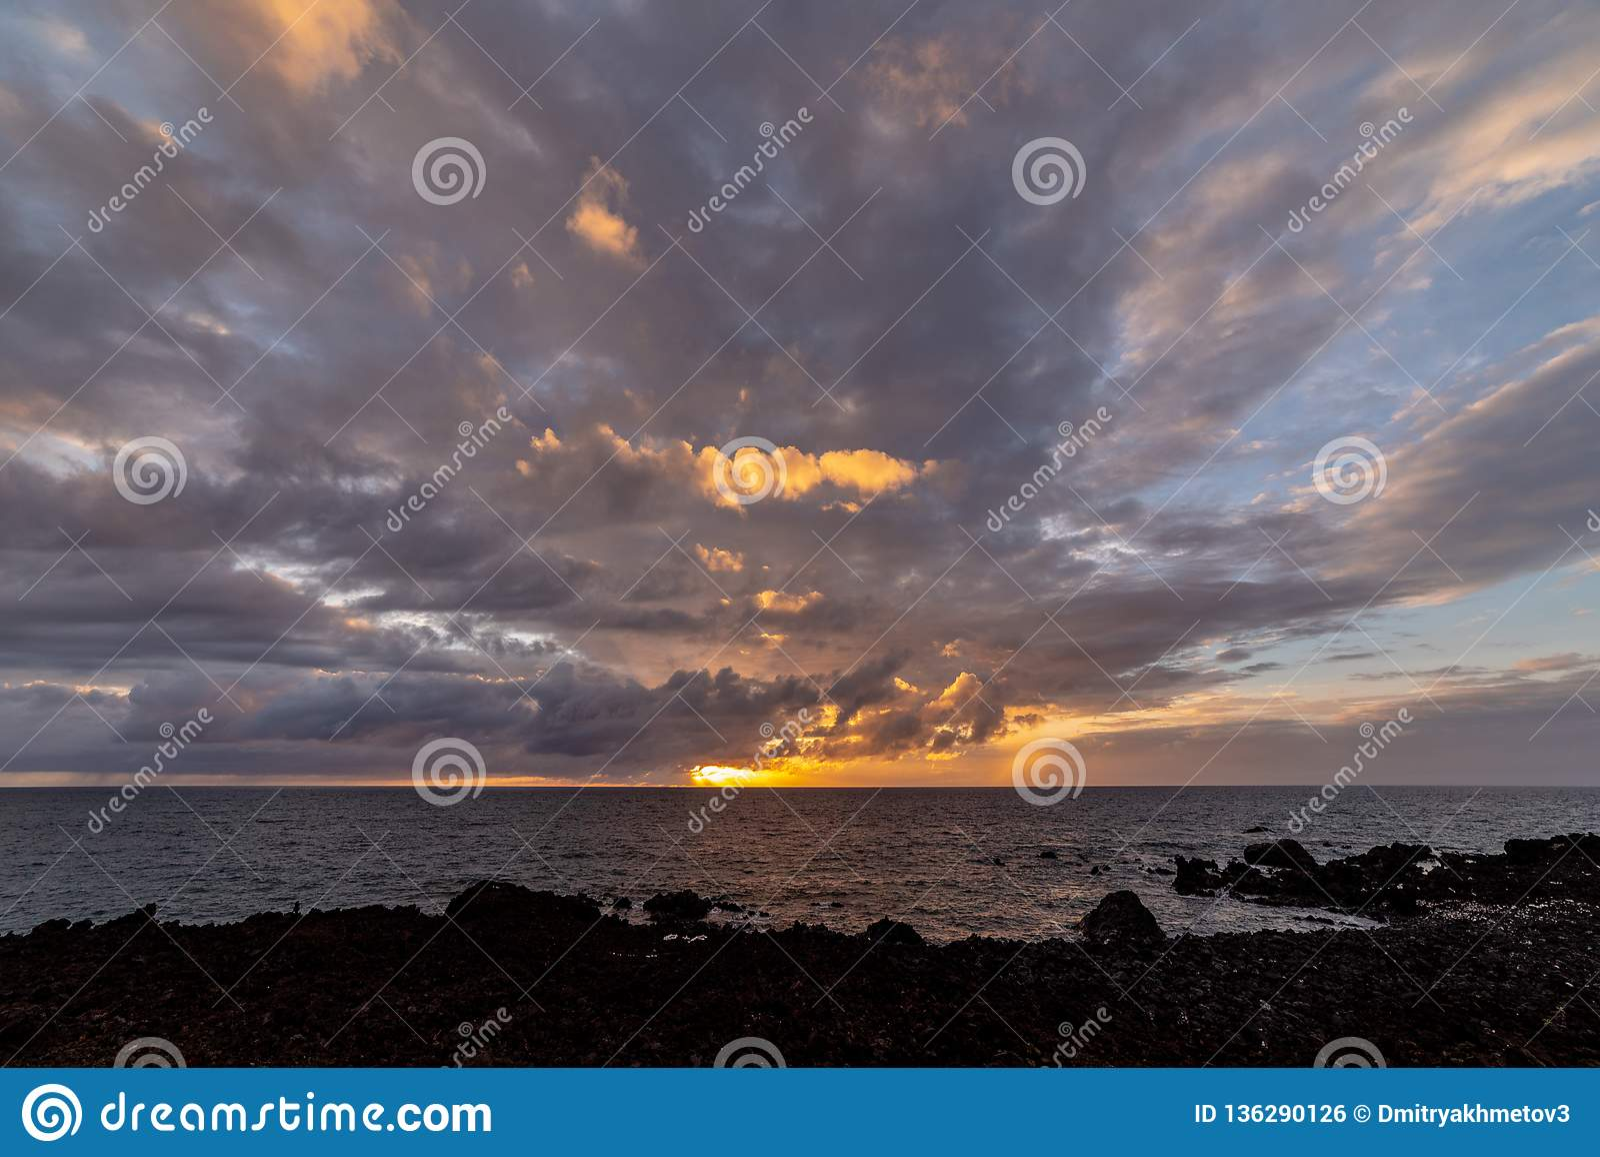 Oszałamiająco zmierzch nad oceanem spokojnym, Duża wyspa, Hawaje